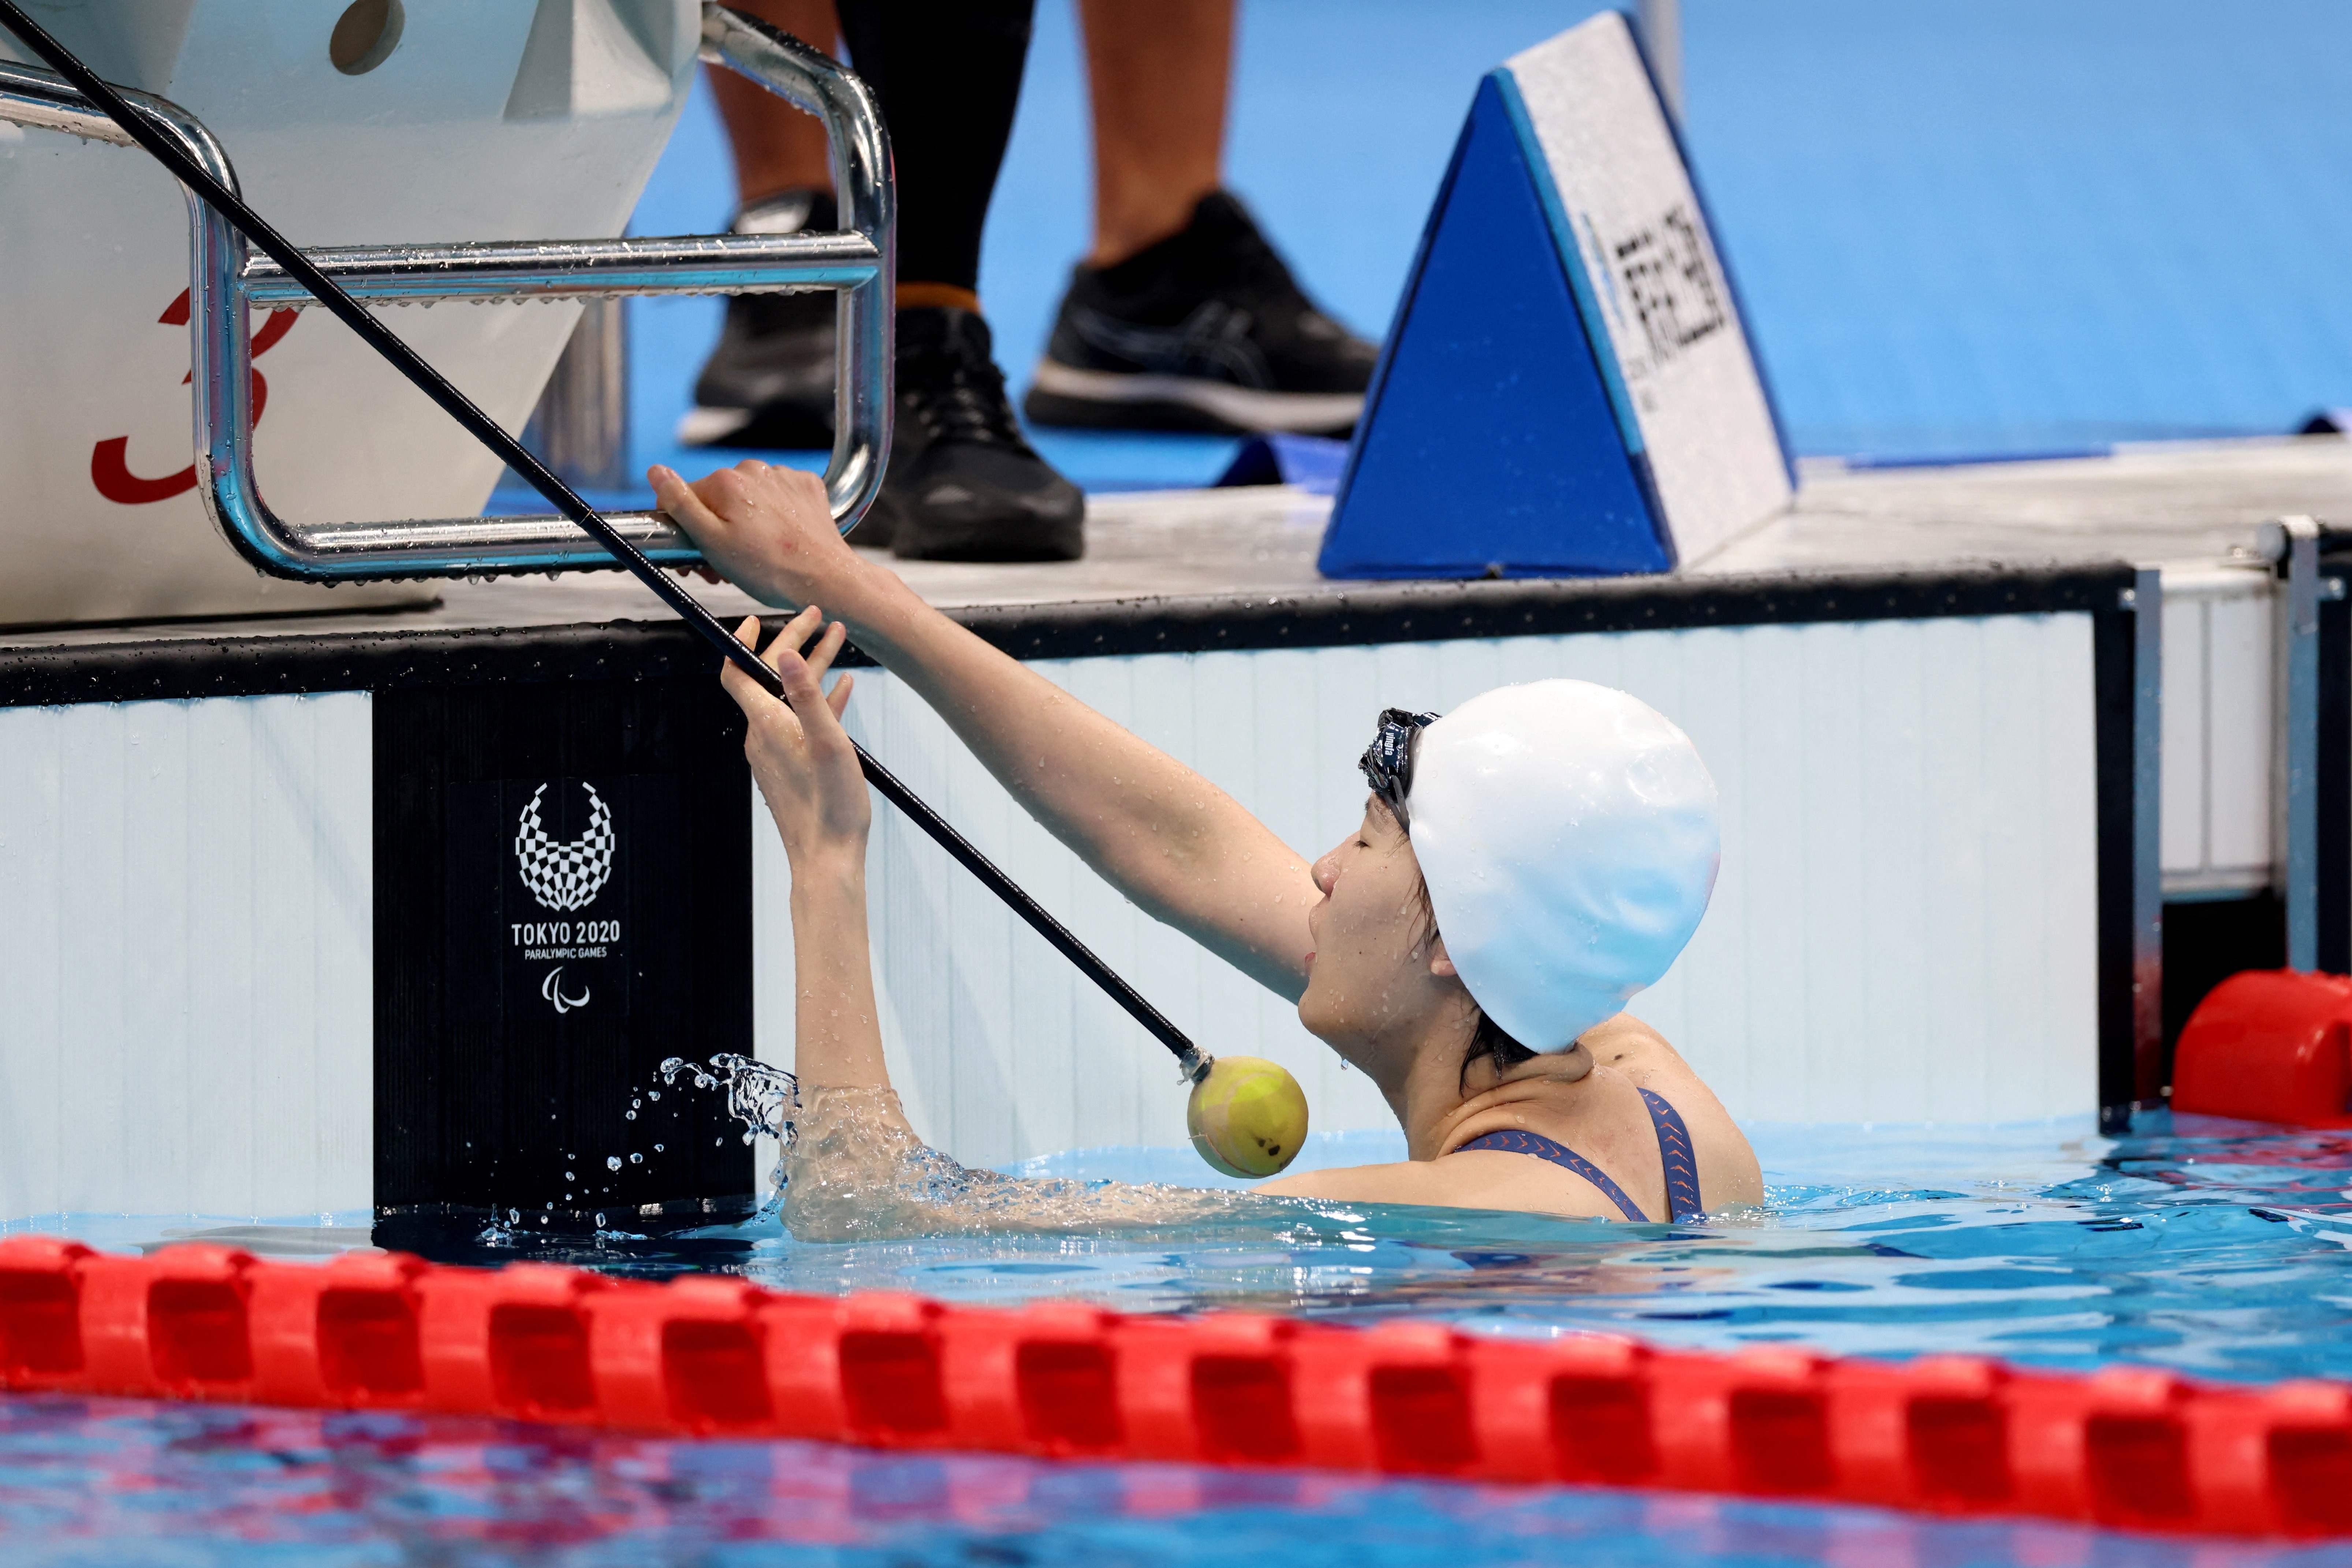 殘奧會女子50米自由泳決賽引發爭議。CFP 圖